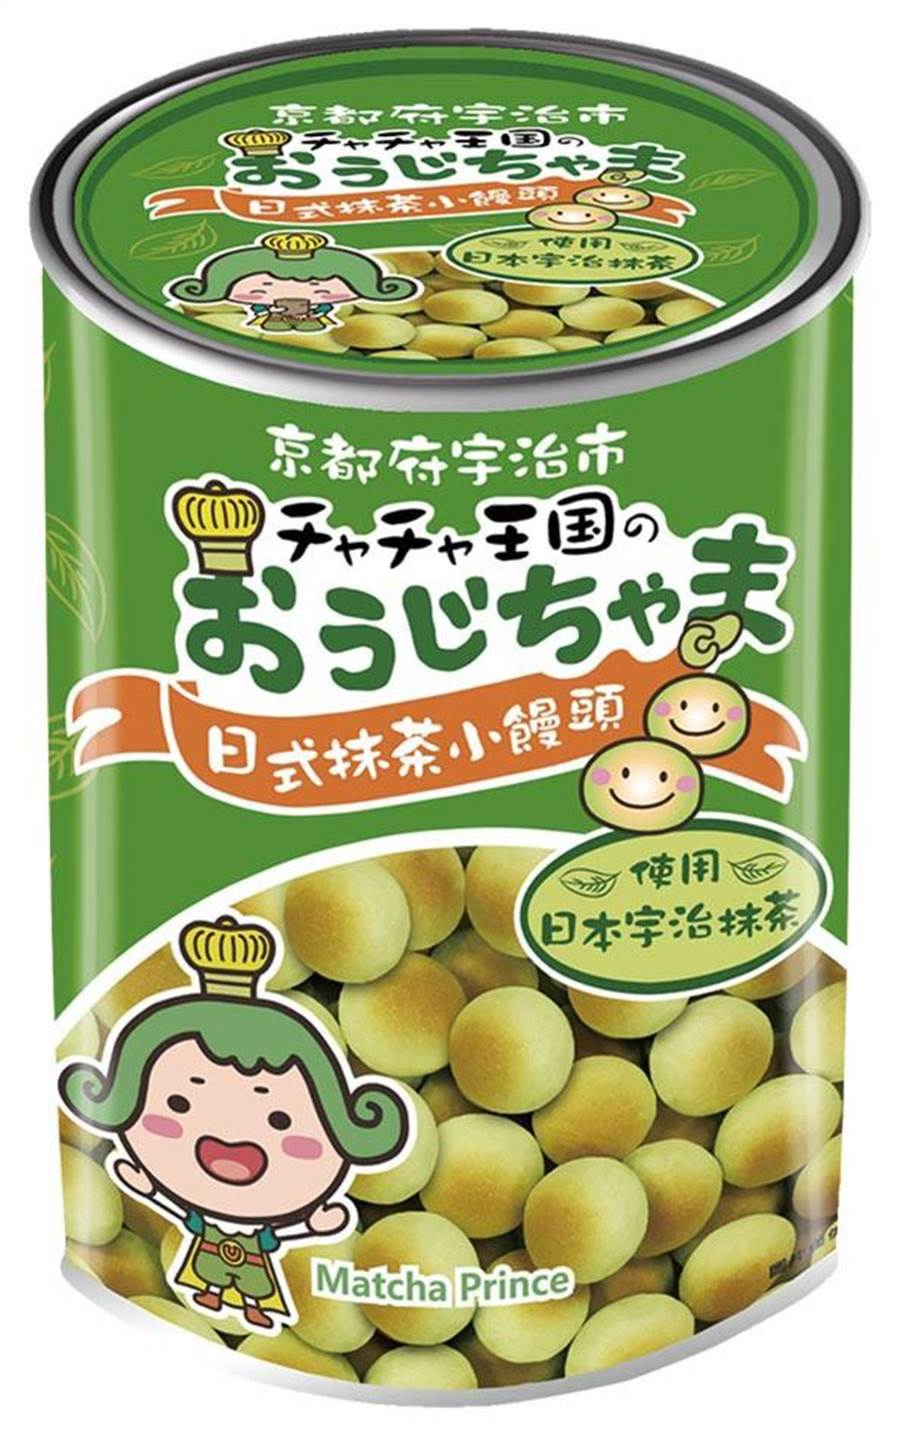 家樂福旺旺日式抹茶小饅頭,210g、99元。(家樂福提供)